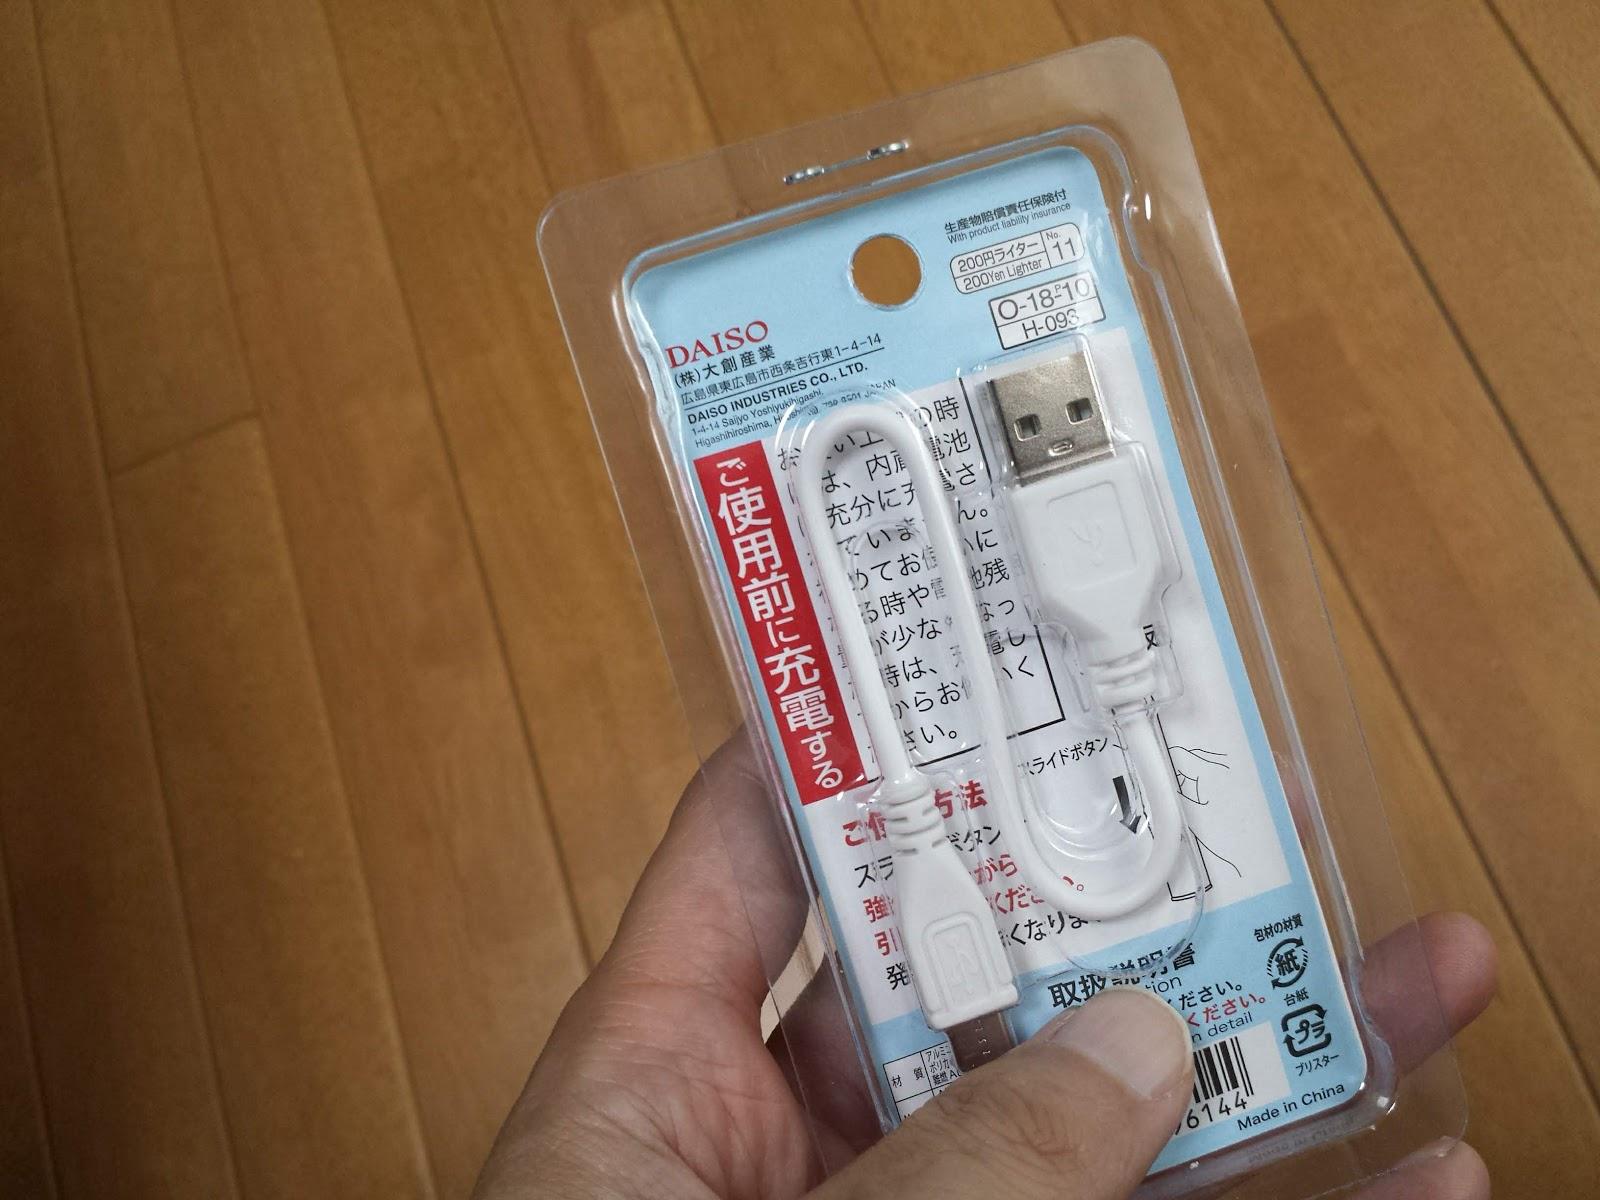 USBライター 充電用のUSBケーブルも付属